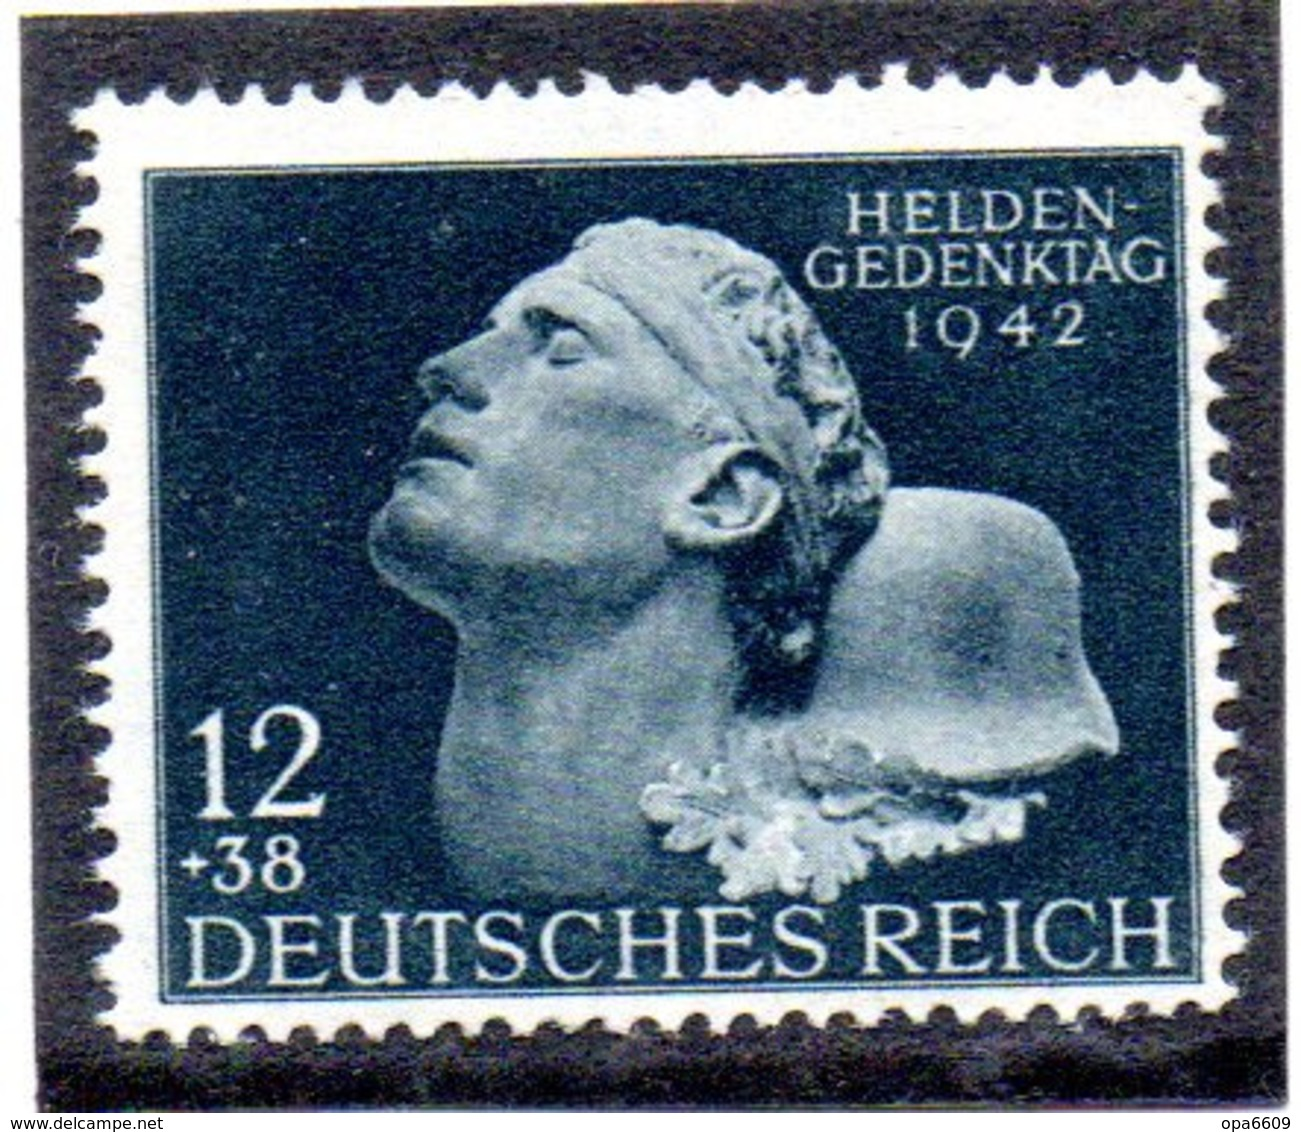 """(2WK-3) Sonderausgabe """"Heldengedenktag 1842"""" Mi 812 ** Postfrisch - Deutschland"""